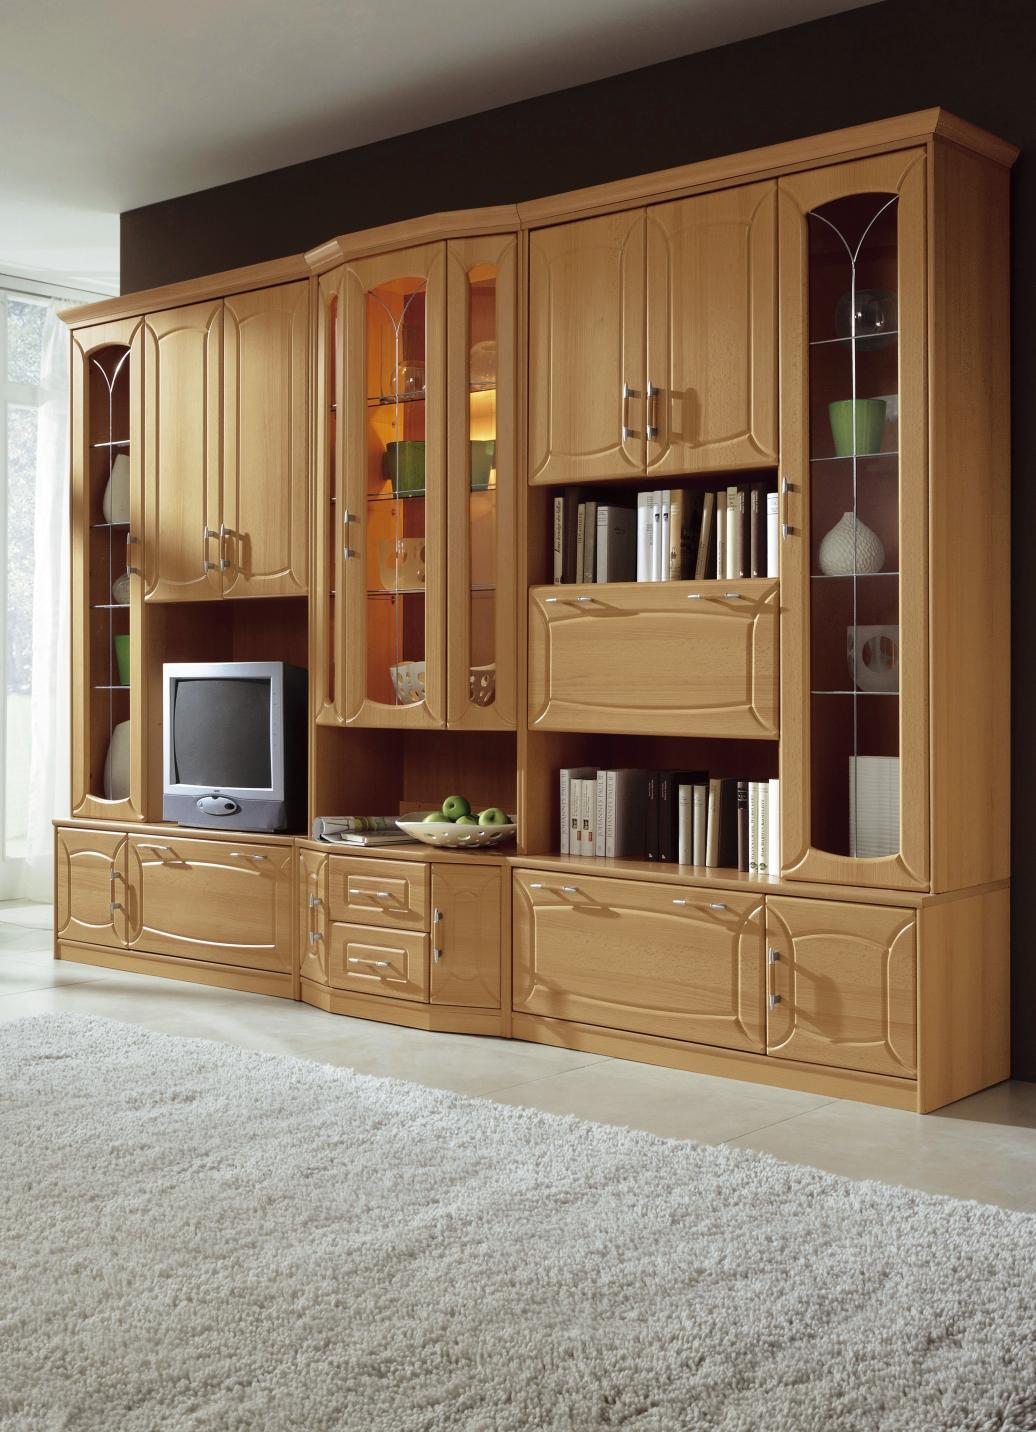 Klassische wohnwand mit front in buchedekor klassische for Schrankwand wohnzimmer klassisch